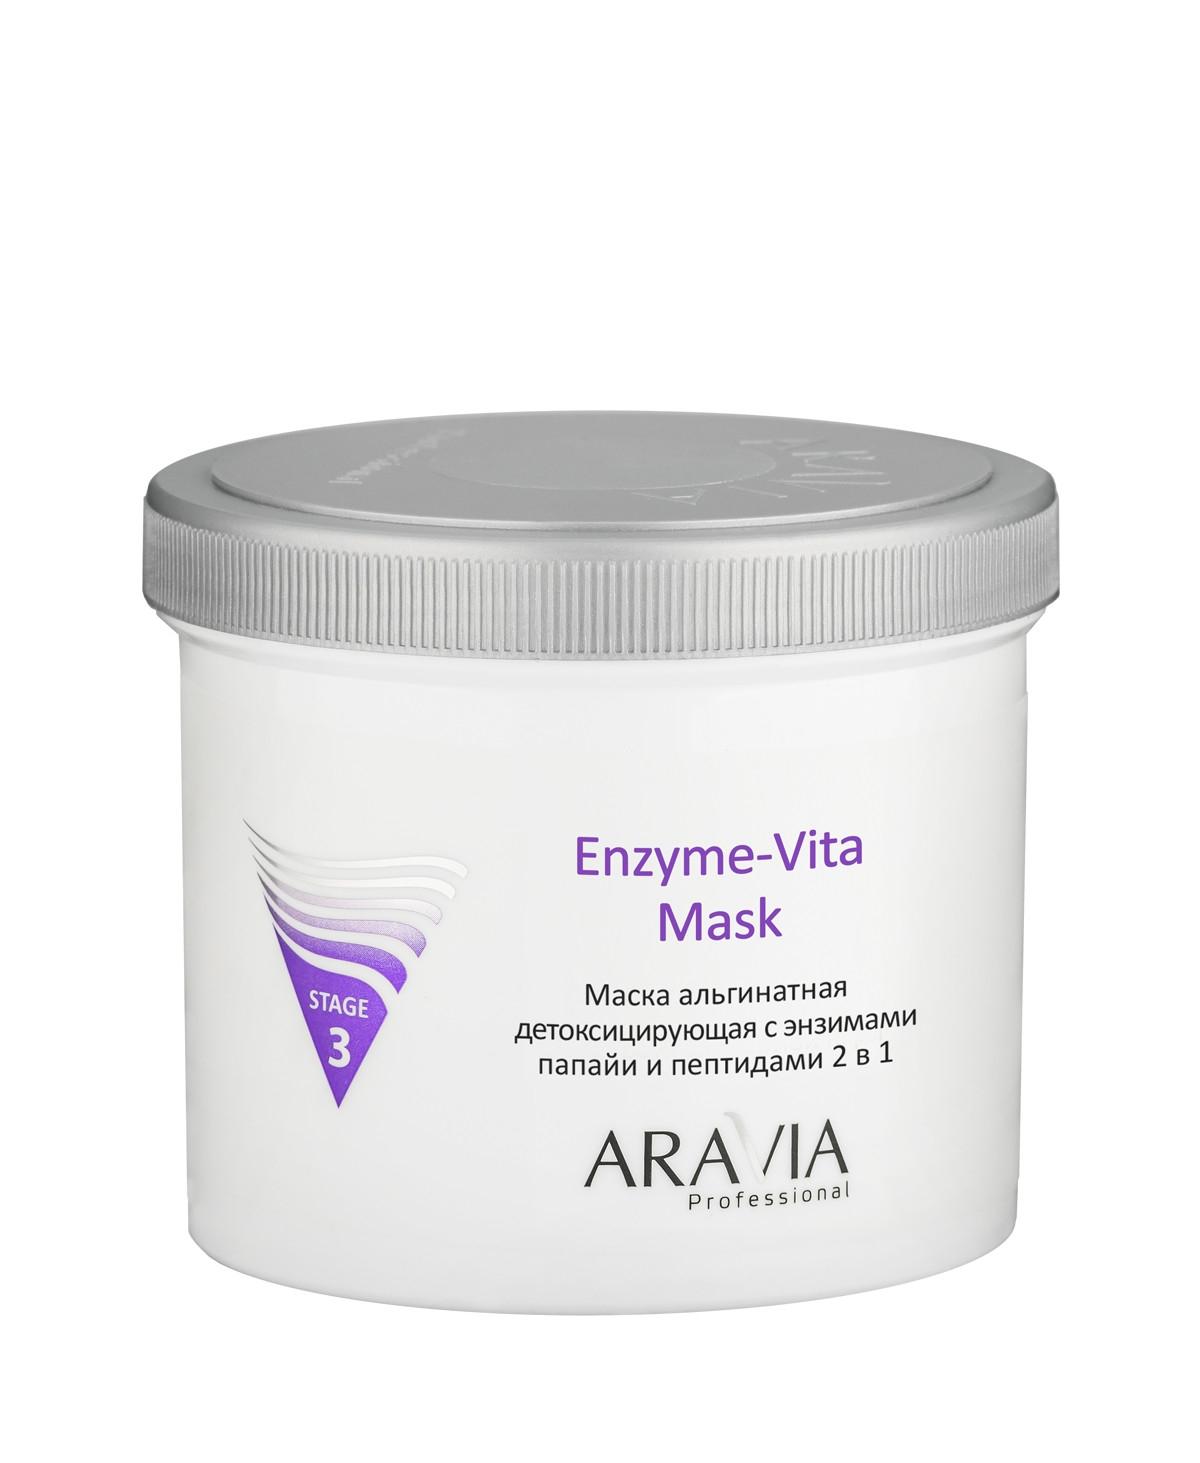 ARAVIA Маска Альгинатная Детоксицирующая Enzyme-Vita Mask с Энзимами Папайи и Пептидами, 550 мл альгинатная маска профессиональная